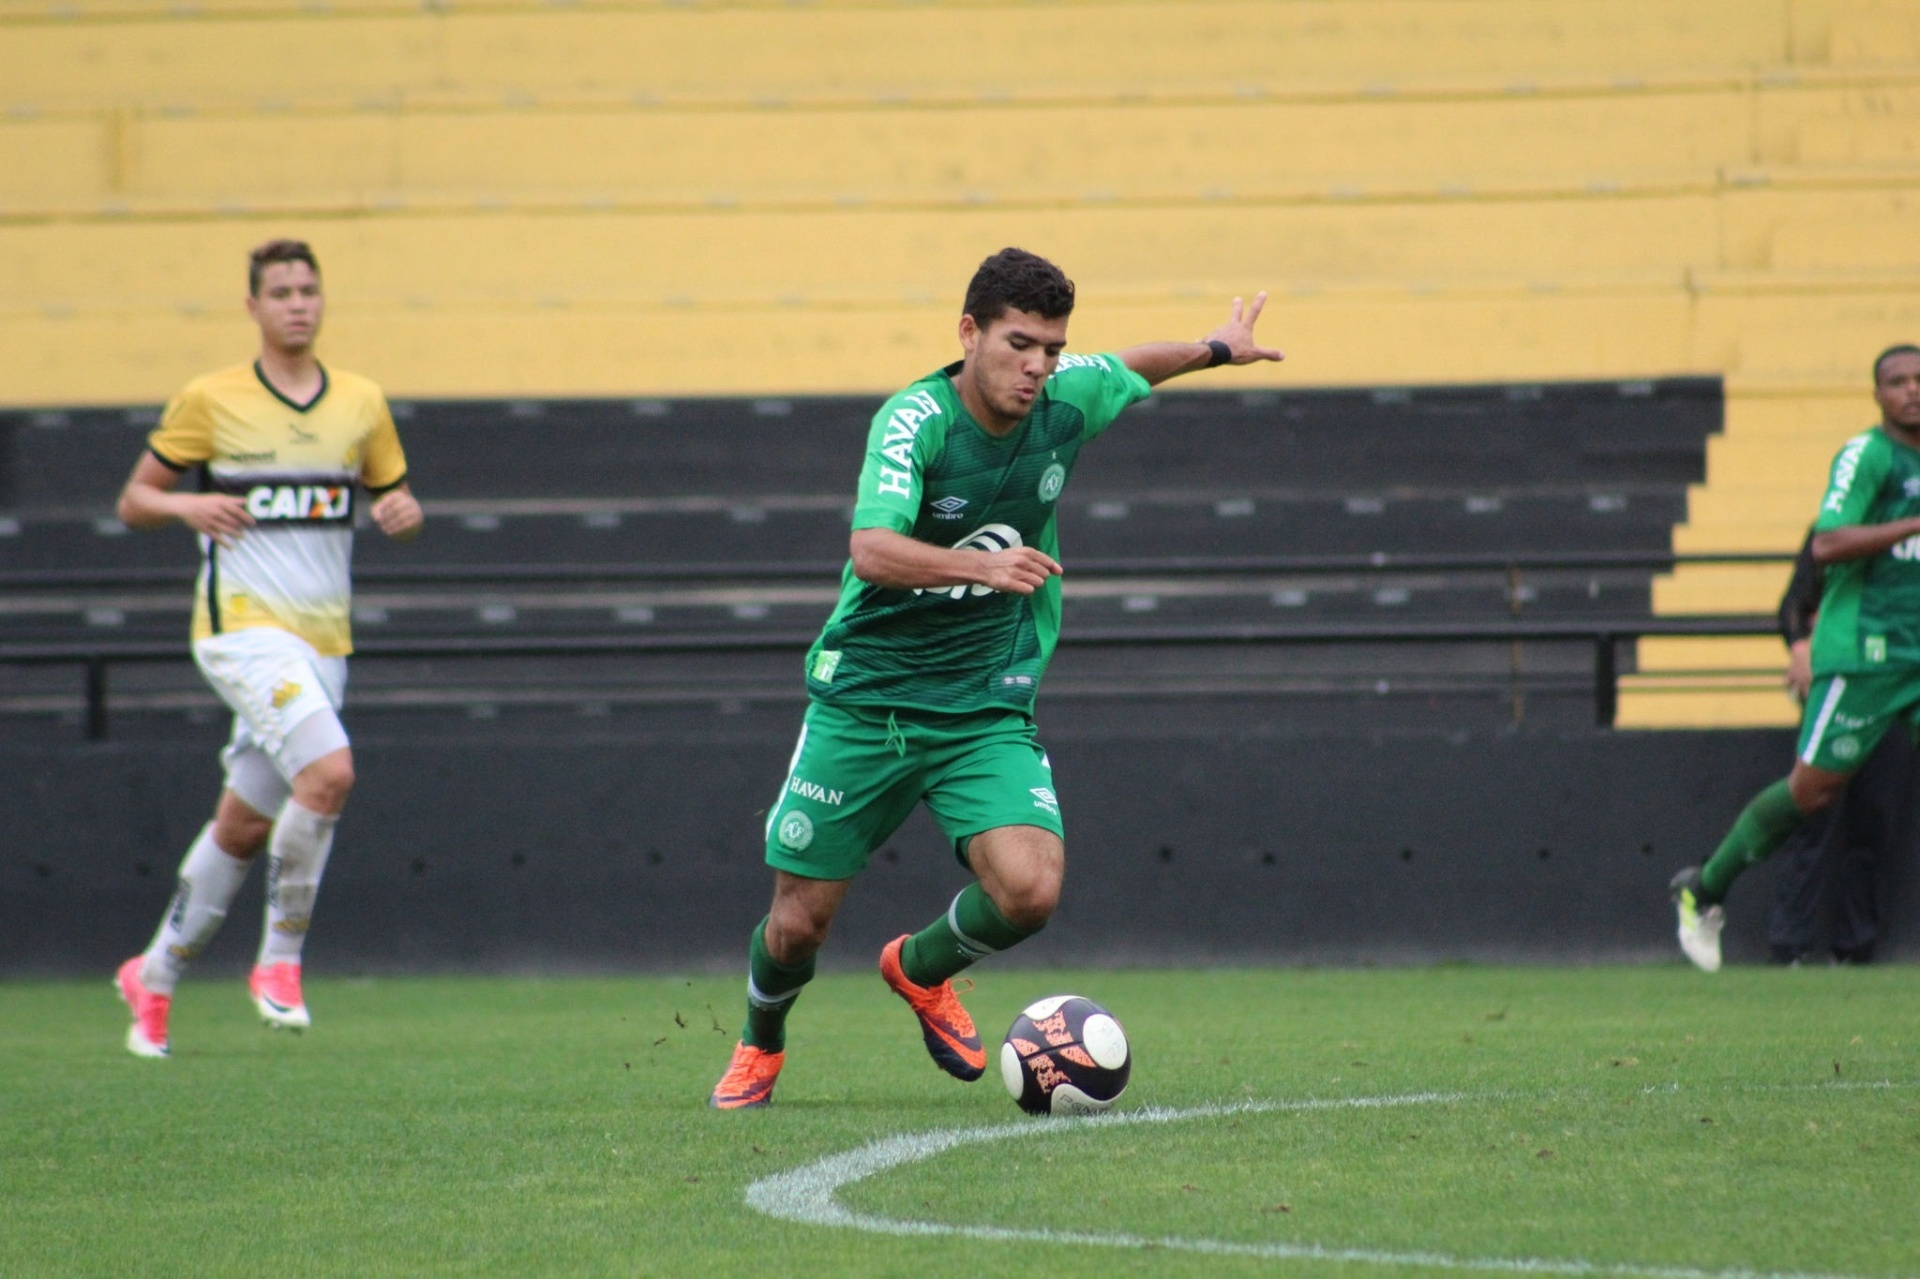 94e22c2d41 Brasileirão-2018  Chapecoense quer aprontar novamente na competição -  Esporte - BOL